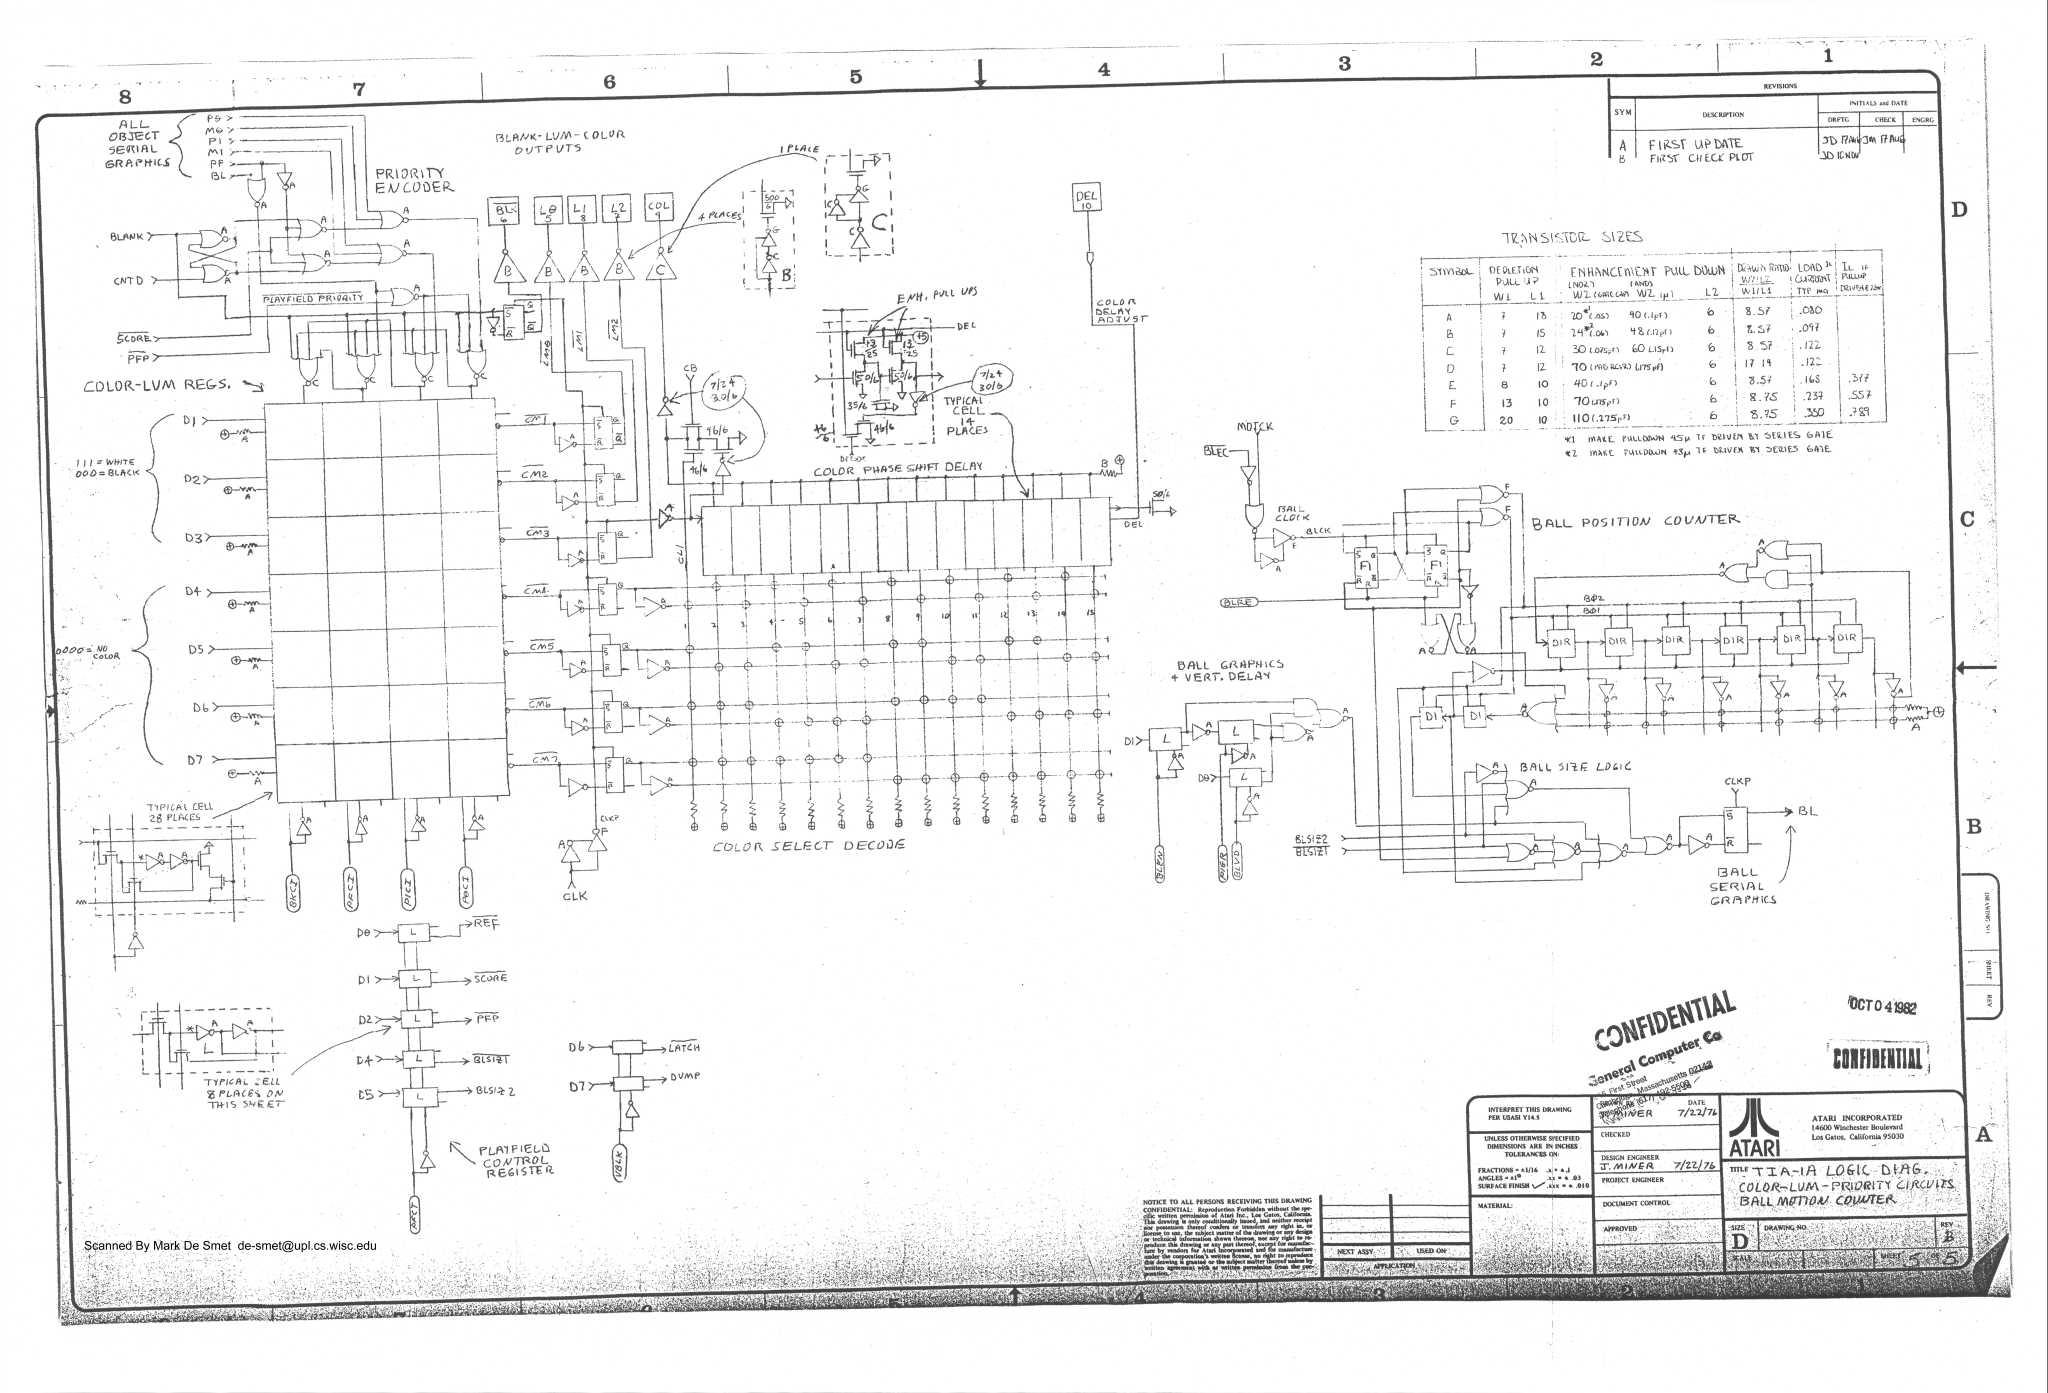 Mikrokomputer cobra 1 12 elektroda mikrokomputer cobra 1 mikrokomputer ccuart Gallery